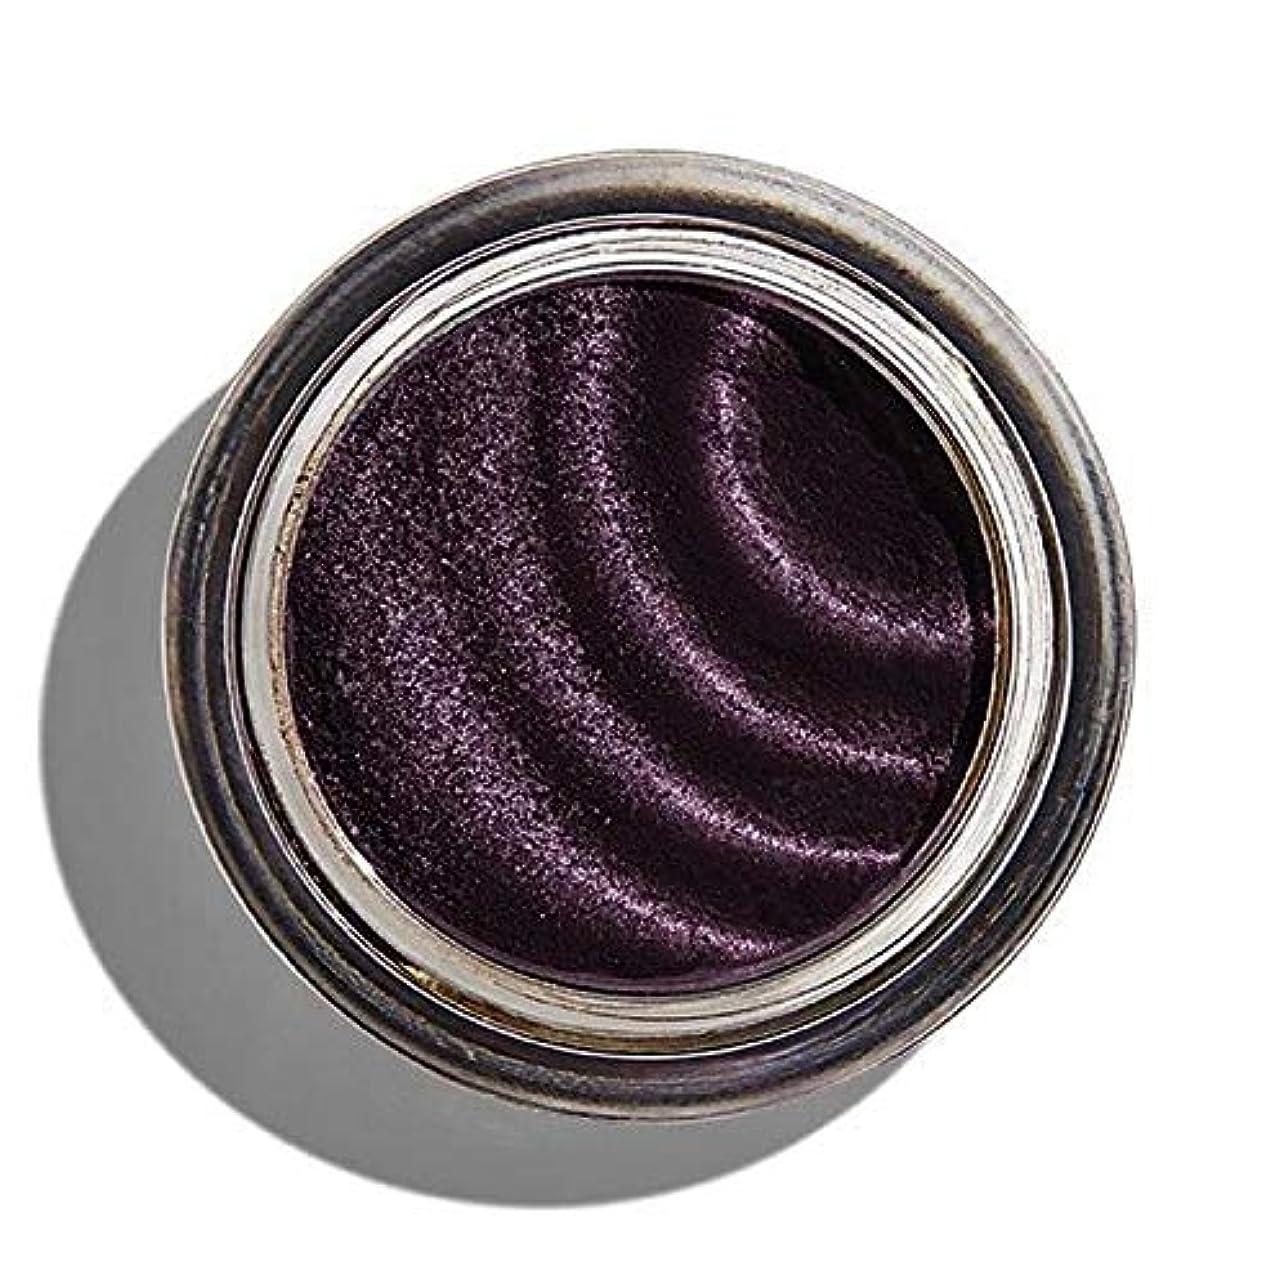 年商品腐敗した[Revolution ] 化粧革命磁化のアイシャドウブラウン - Makeup Revolution Magnetize Eyeshadow Brown [並行輸入品]